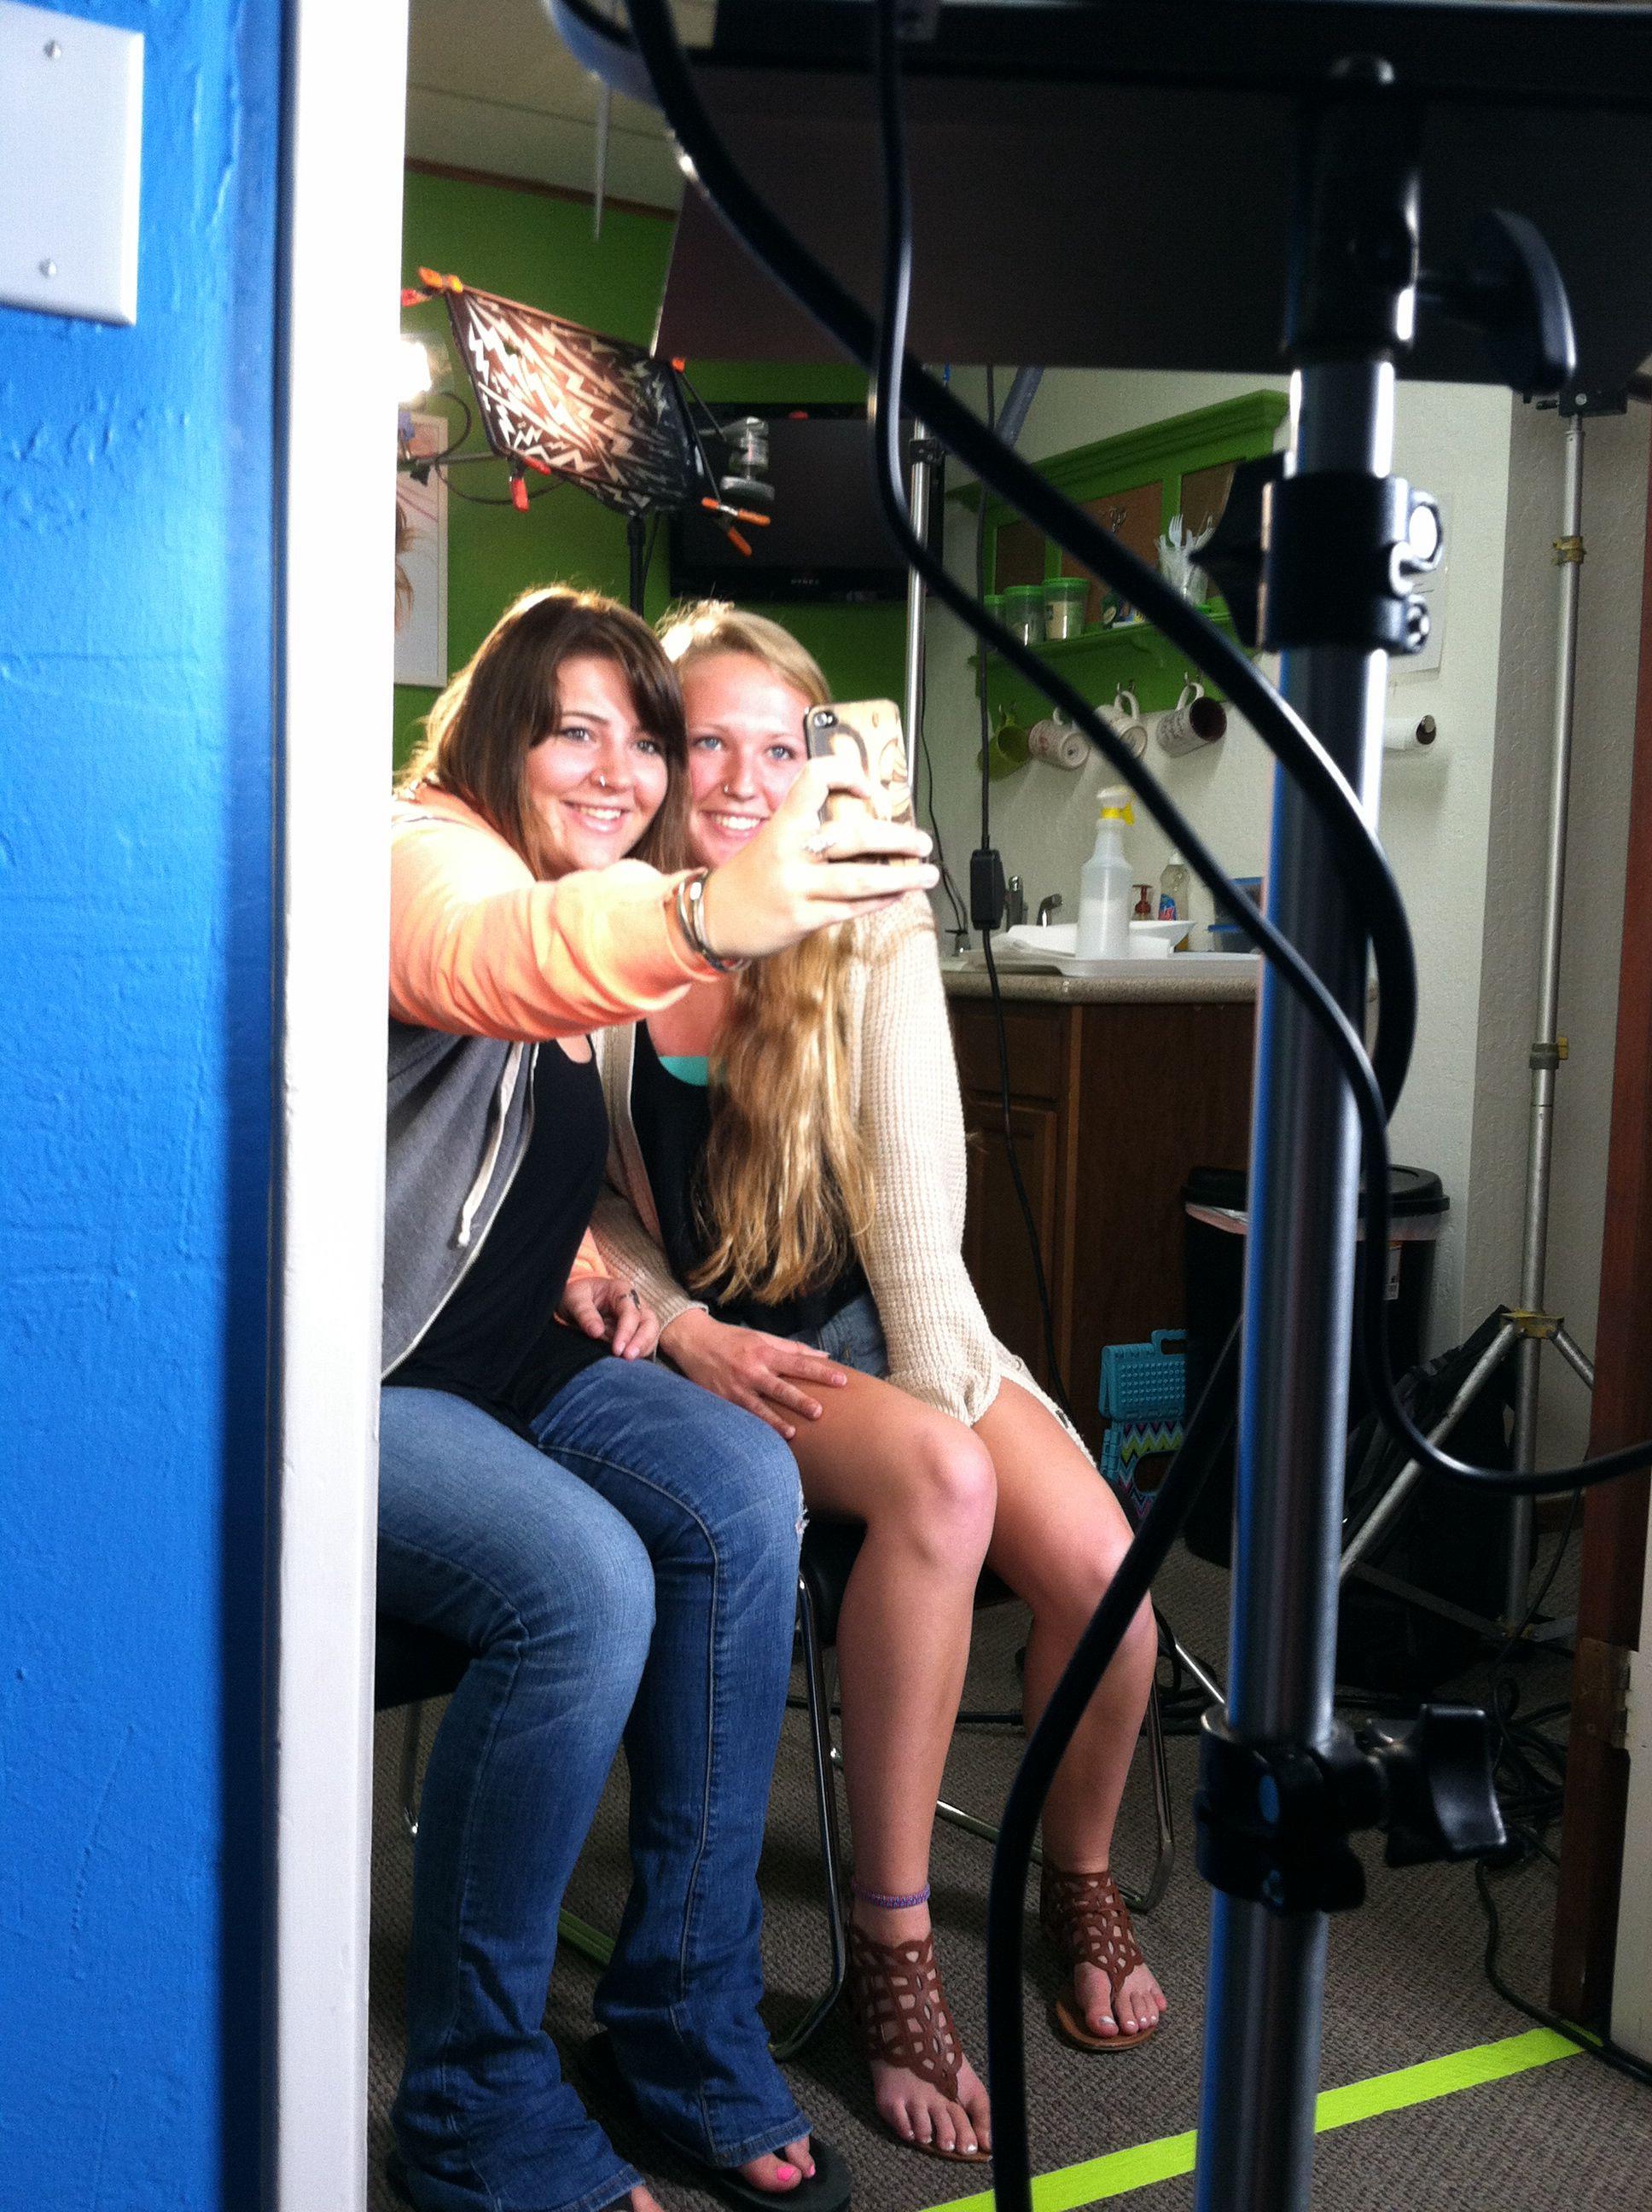 Group selfies & head lice